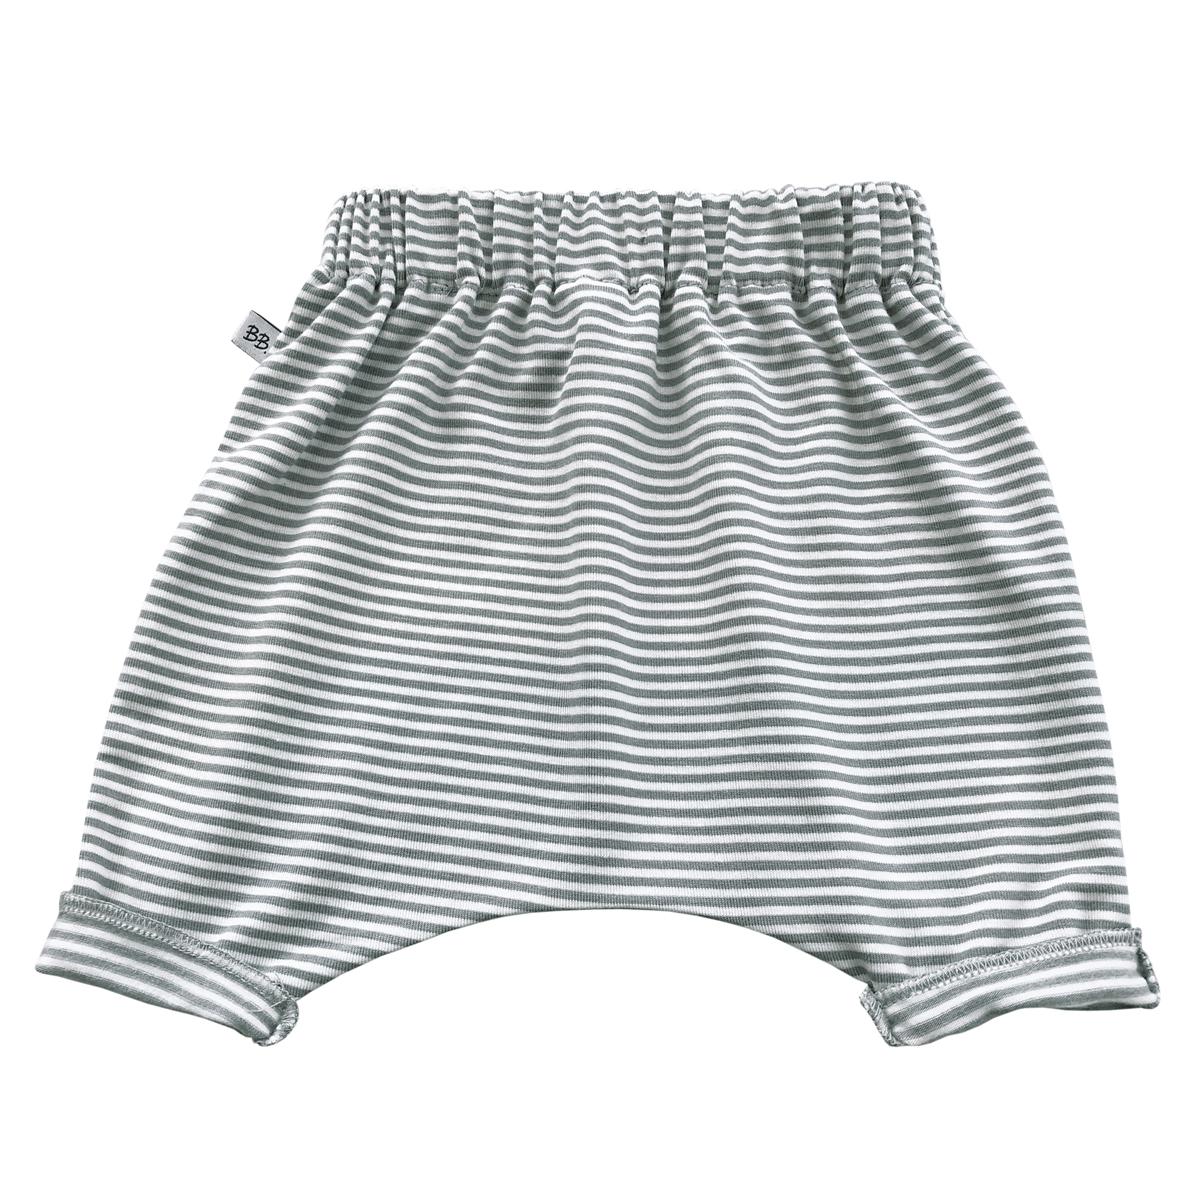 Bas bébé Pantalon Sarouel Milleraies Vert - 3 Mois Pantalon Sarouel Milleraies Vert - 3 Mois